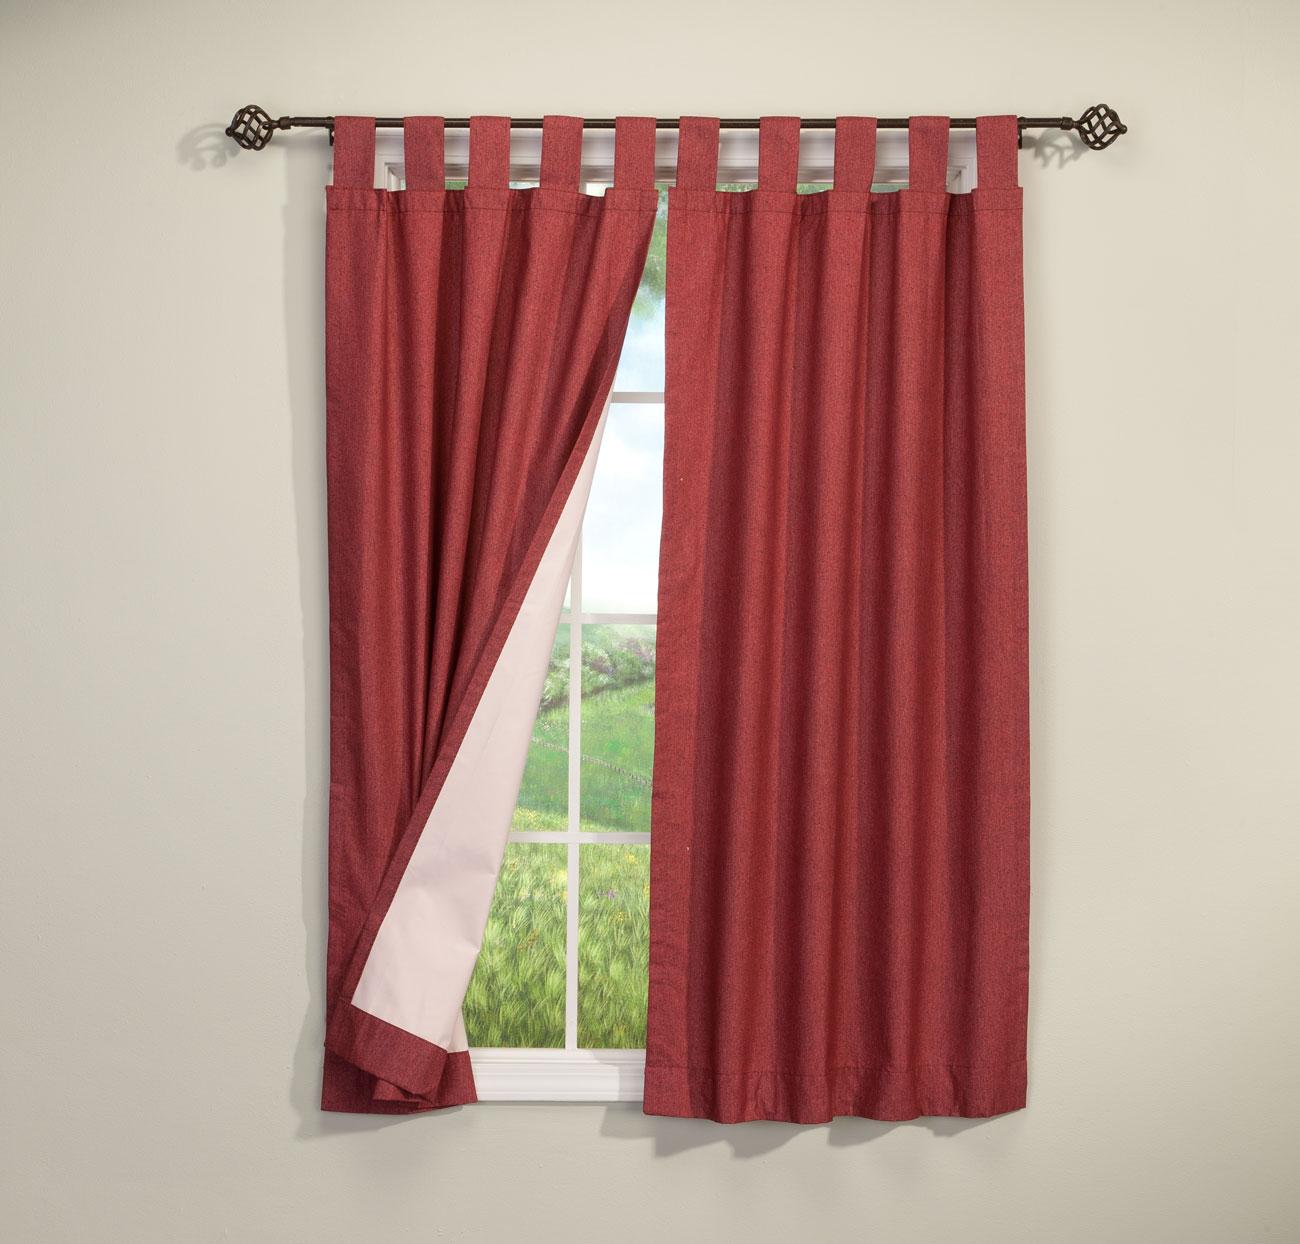 Walterdrake Energy Saving Tab Top Curtains Set Of 2